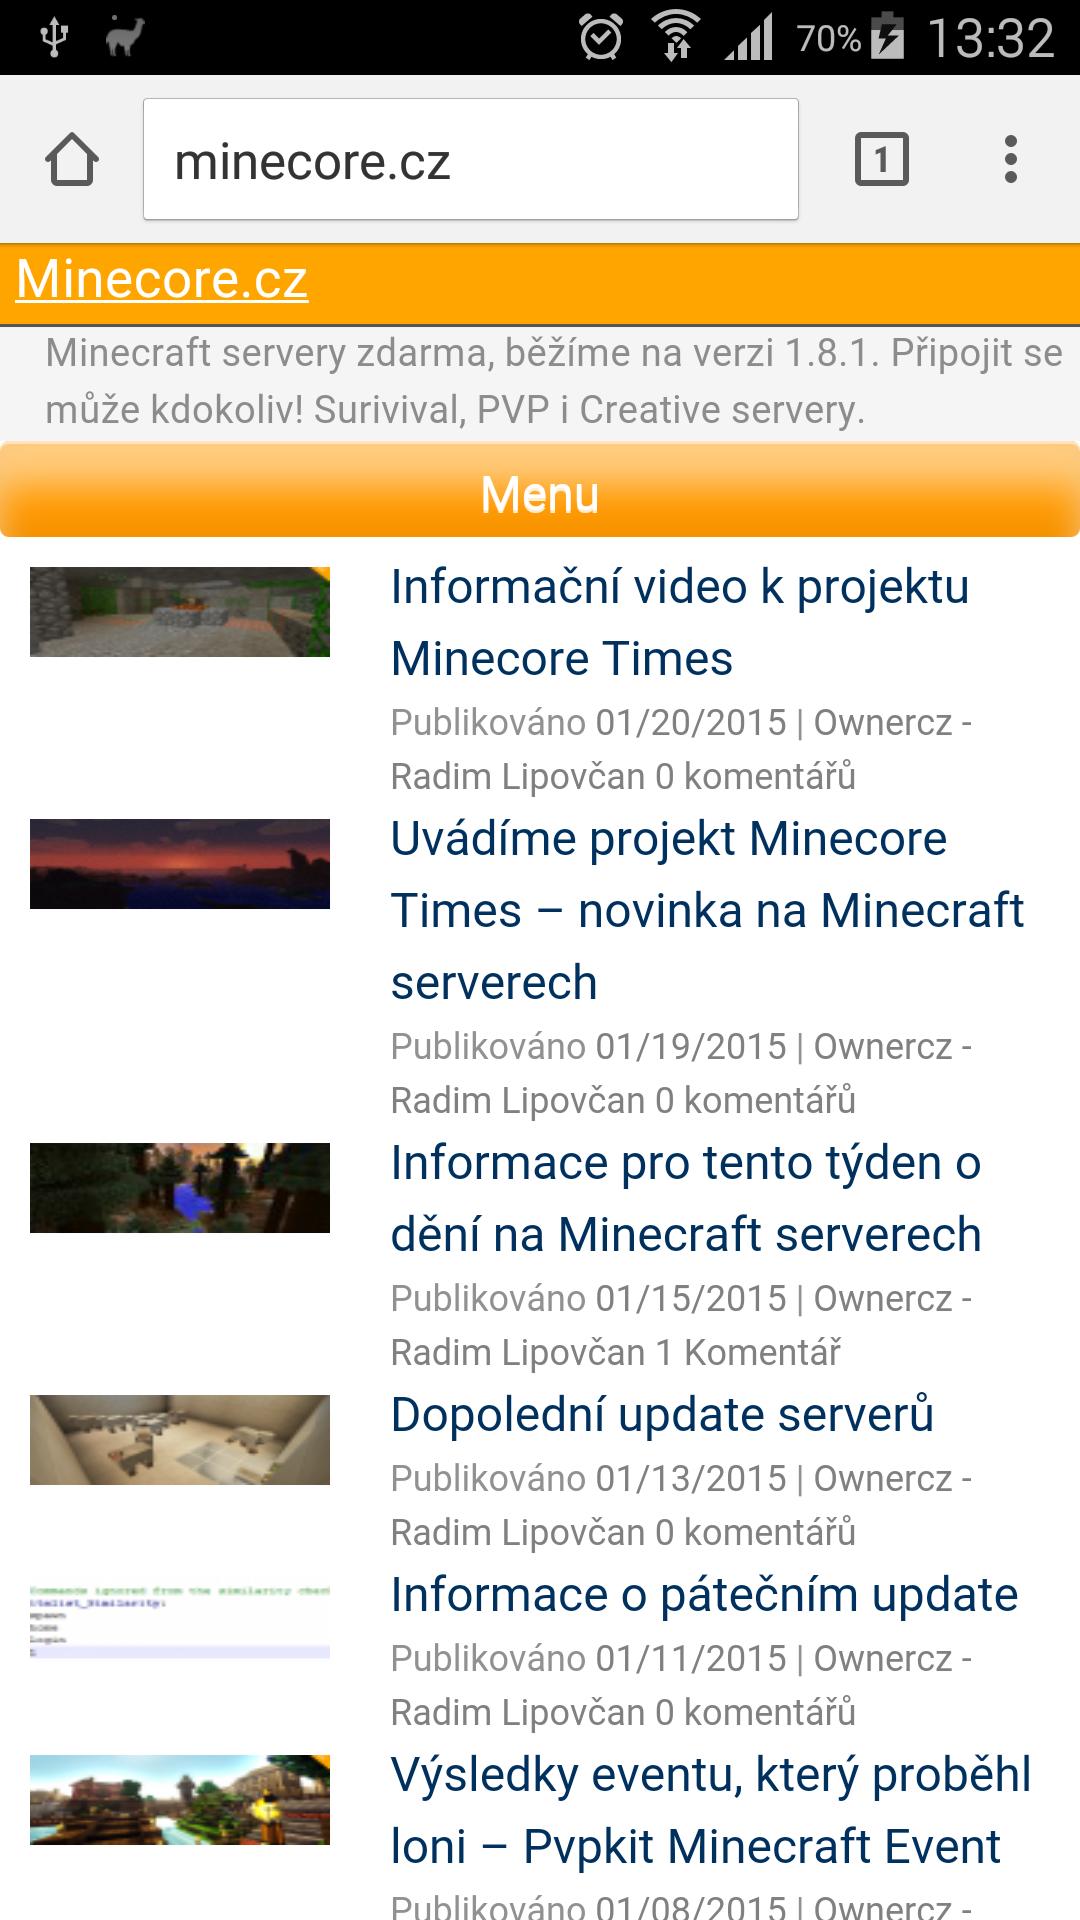 Úvodní stránka Minecore.cz pro malé Minecraftí obrazovky!